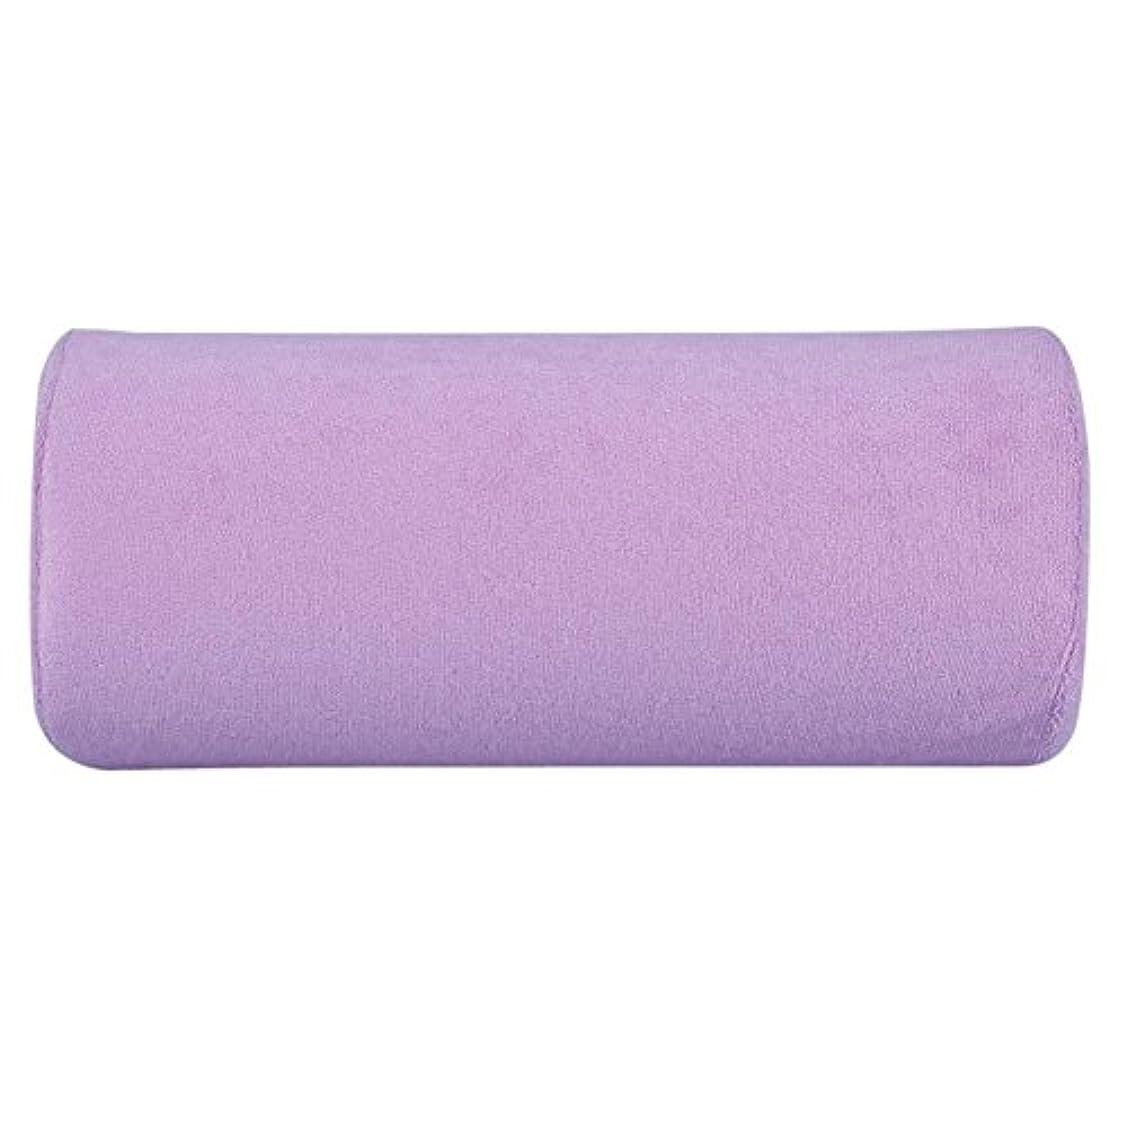 フルーティーコンプライアンスハプニングアートソフトスポンジピローハンドレストクッション(紫の)